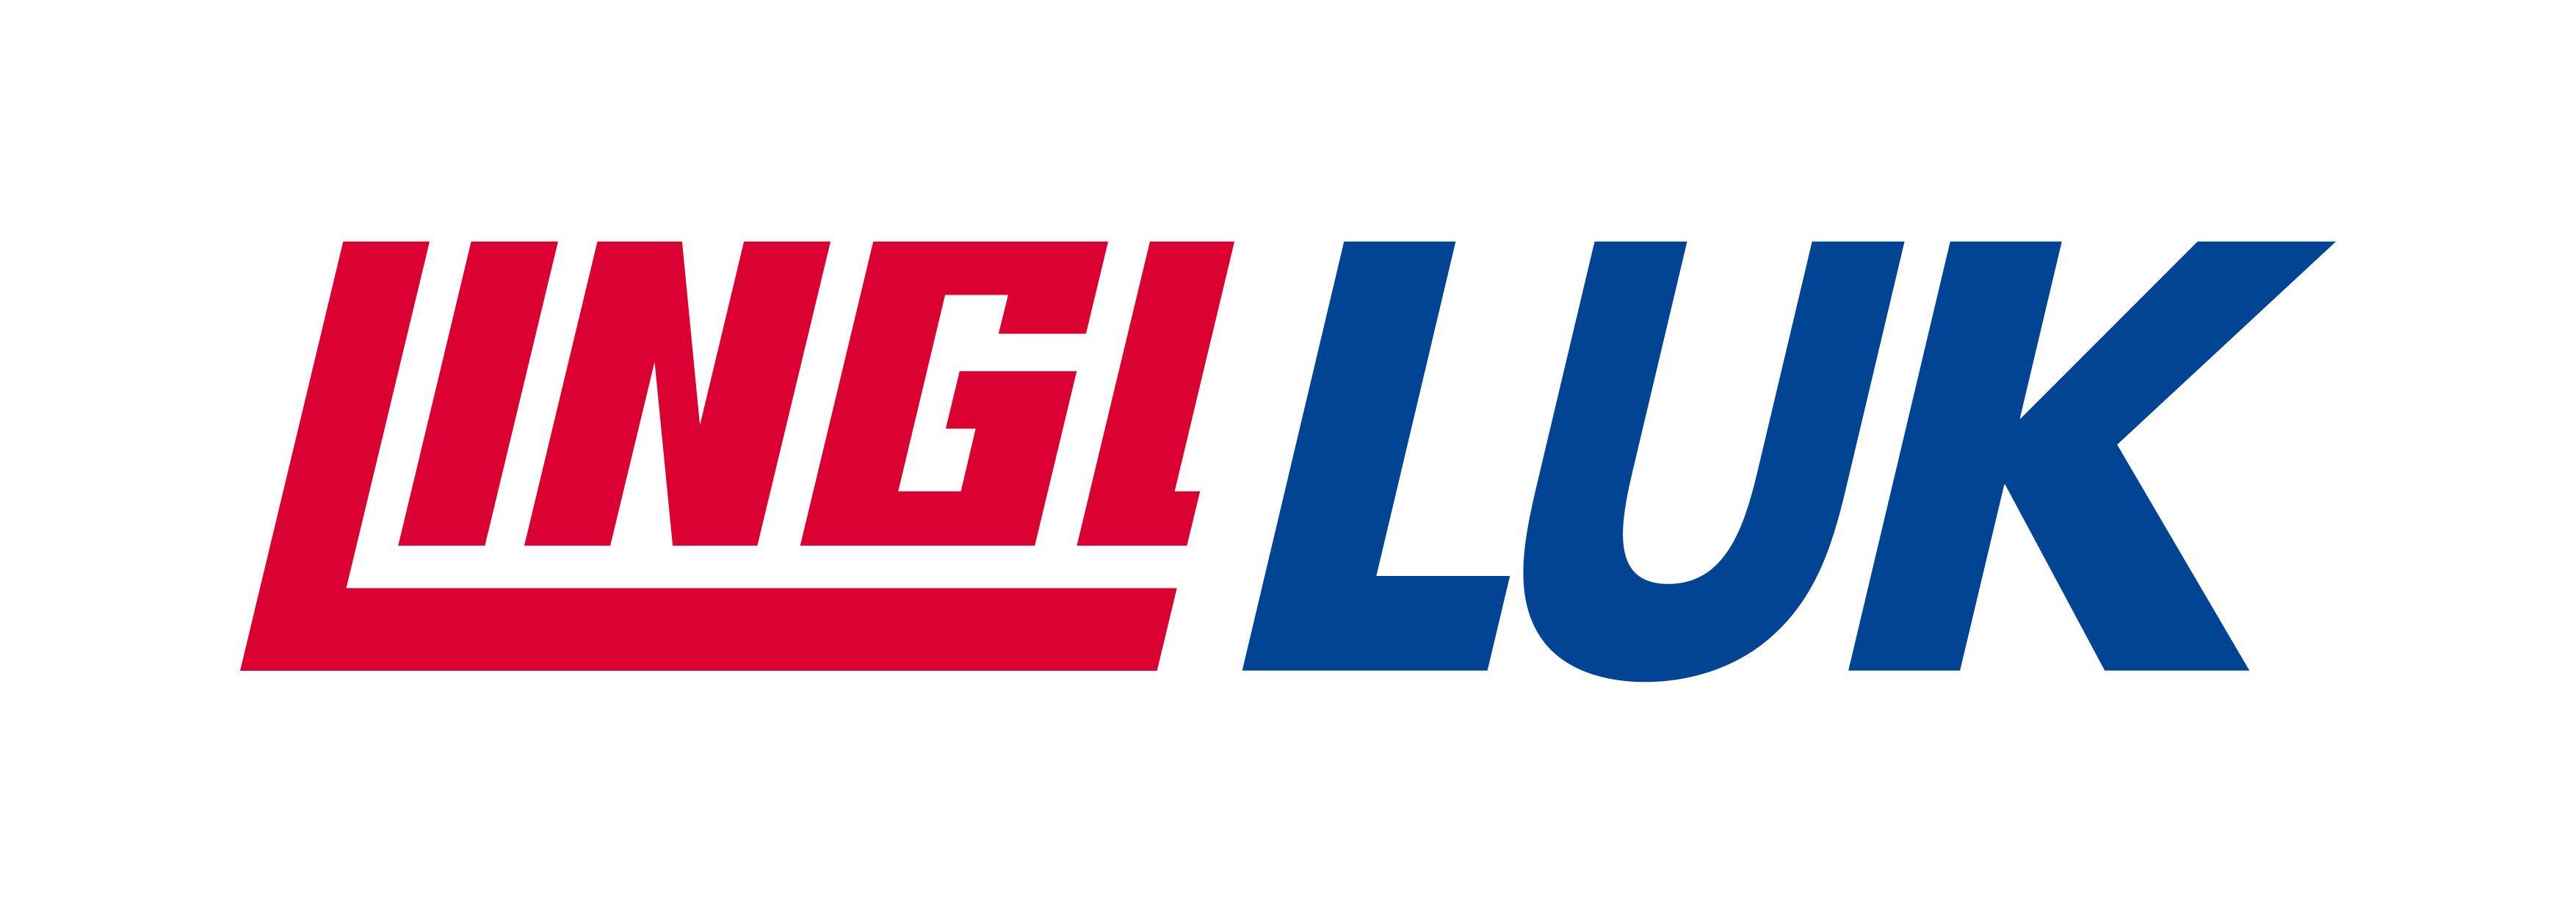 Hans Lingl UK Ltd